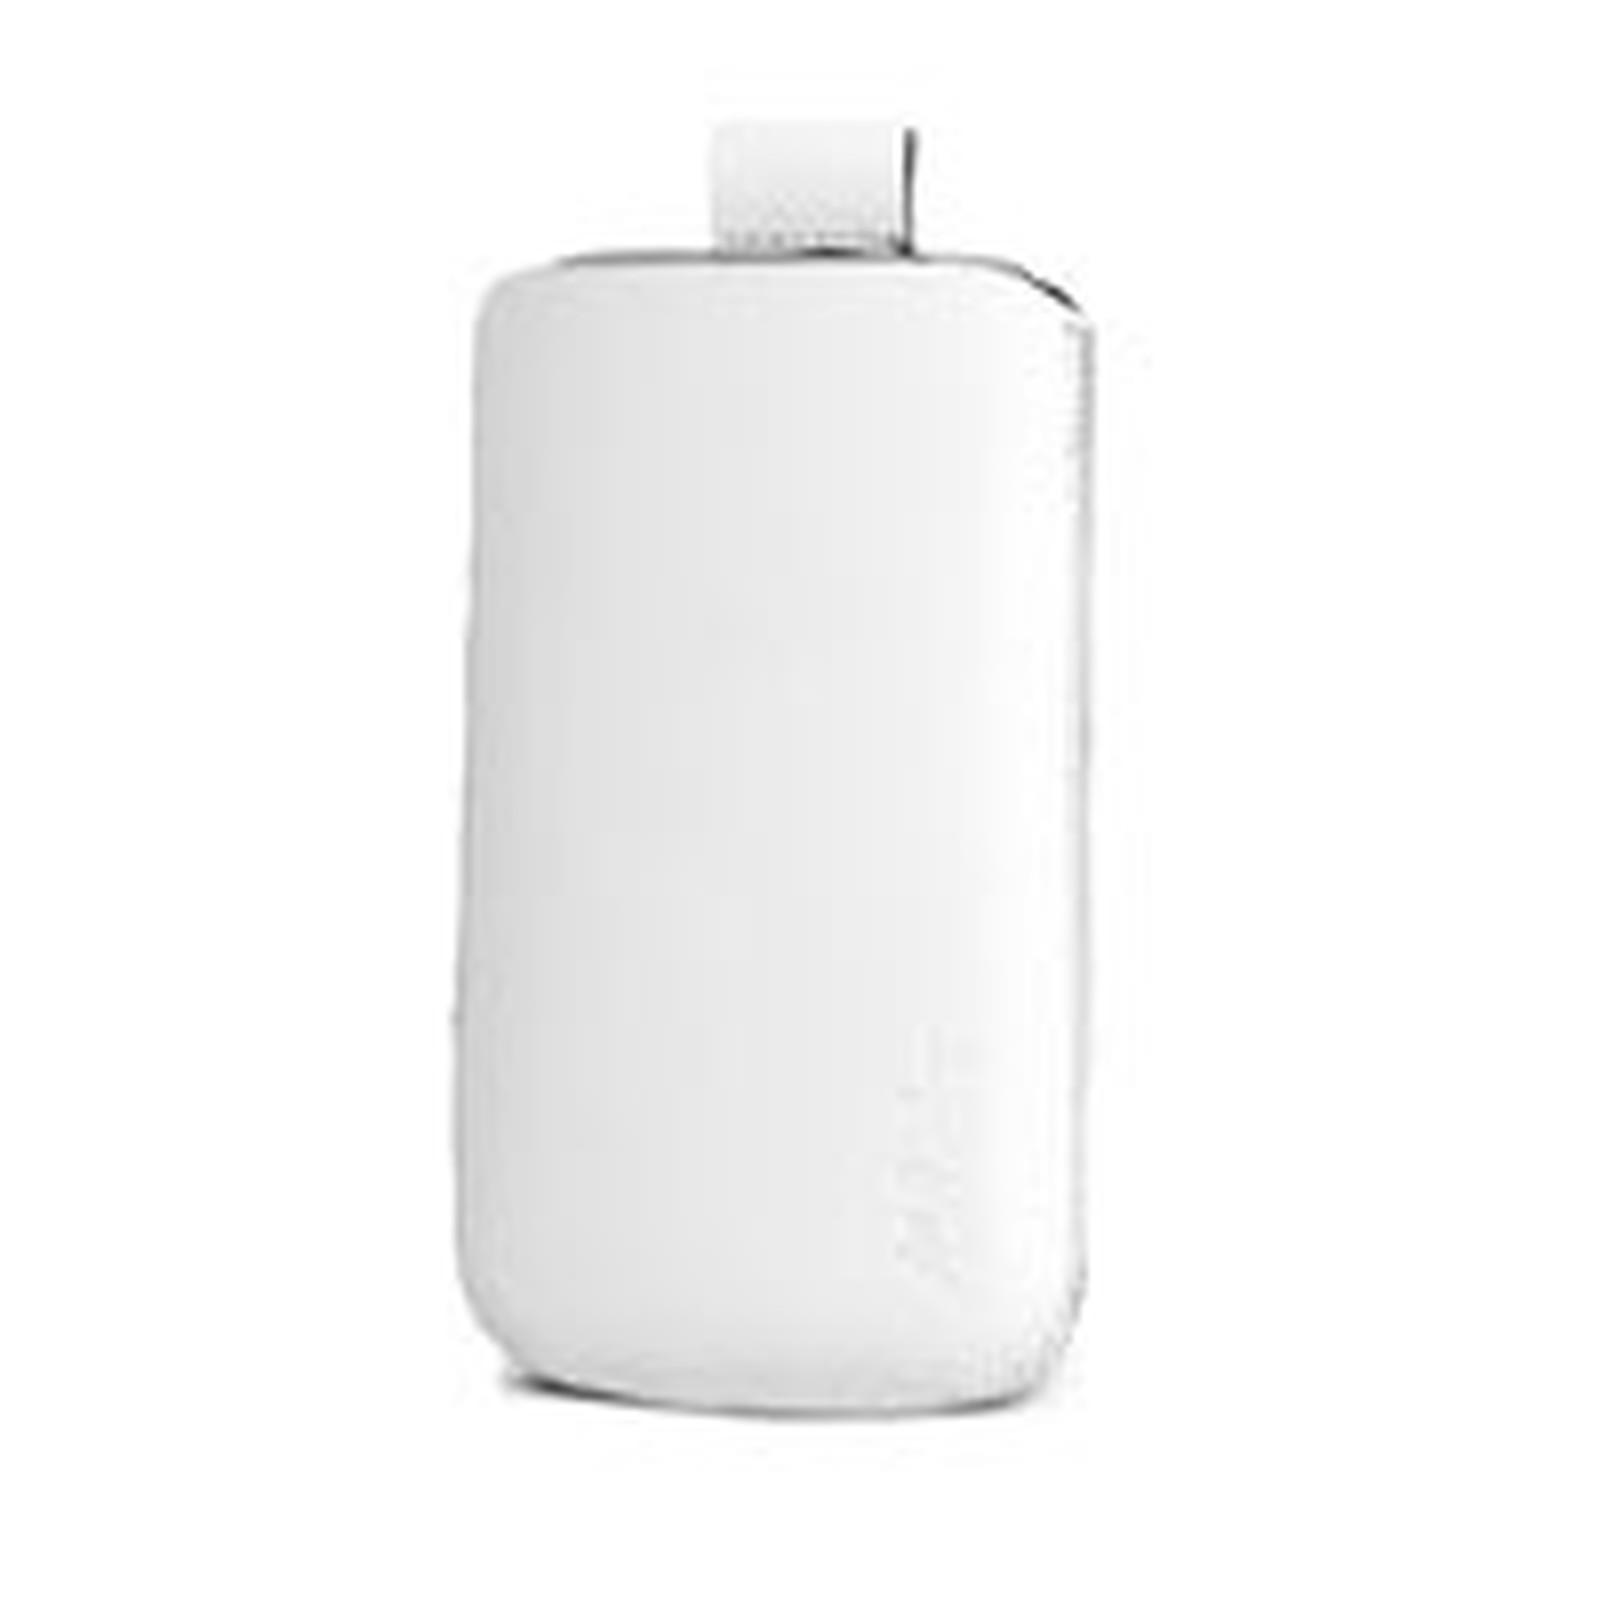 Valenta Pocket White 07